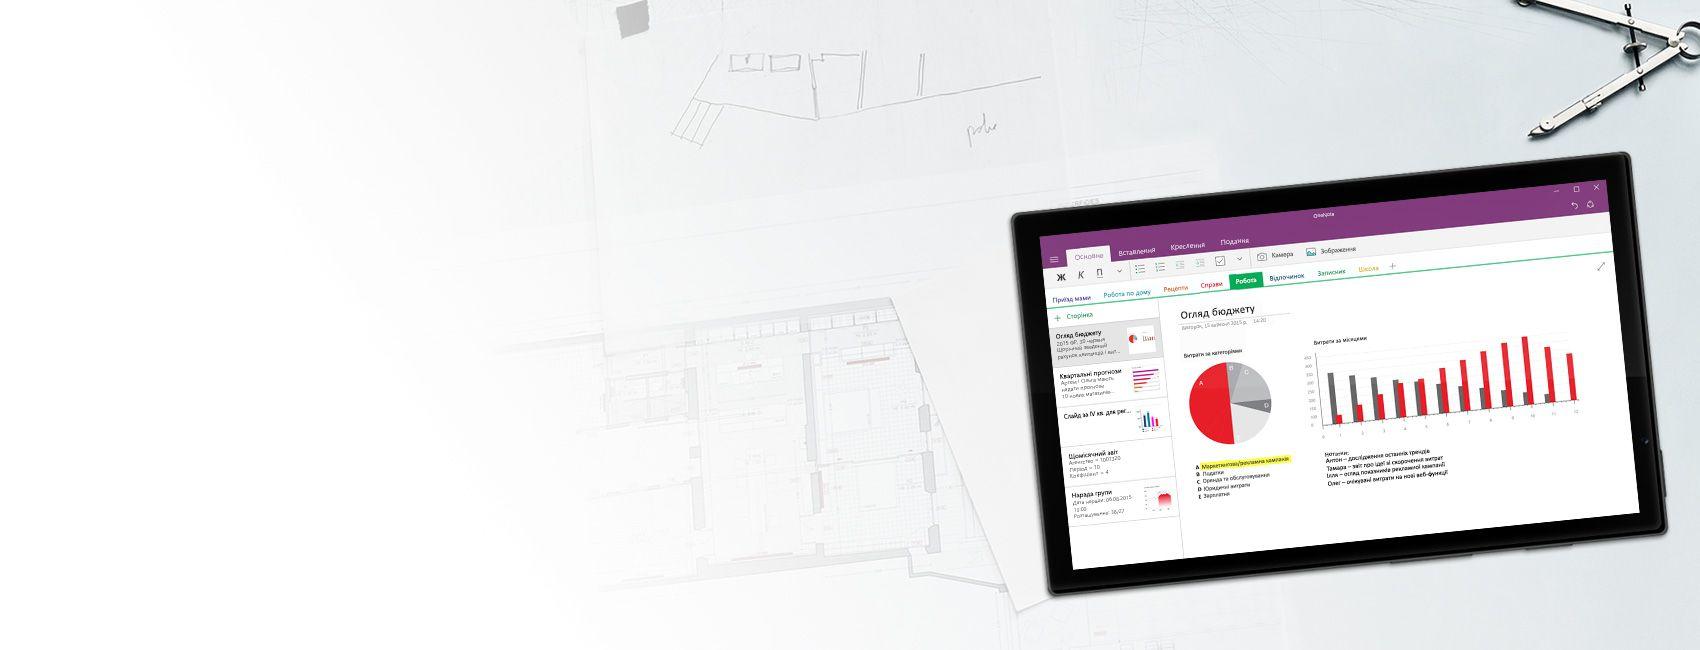 Планшет із Windows, на якому відкрито блокнот OneNote із графіками та діаграмами відомостей про бюджет